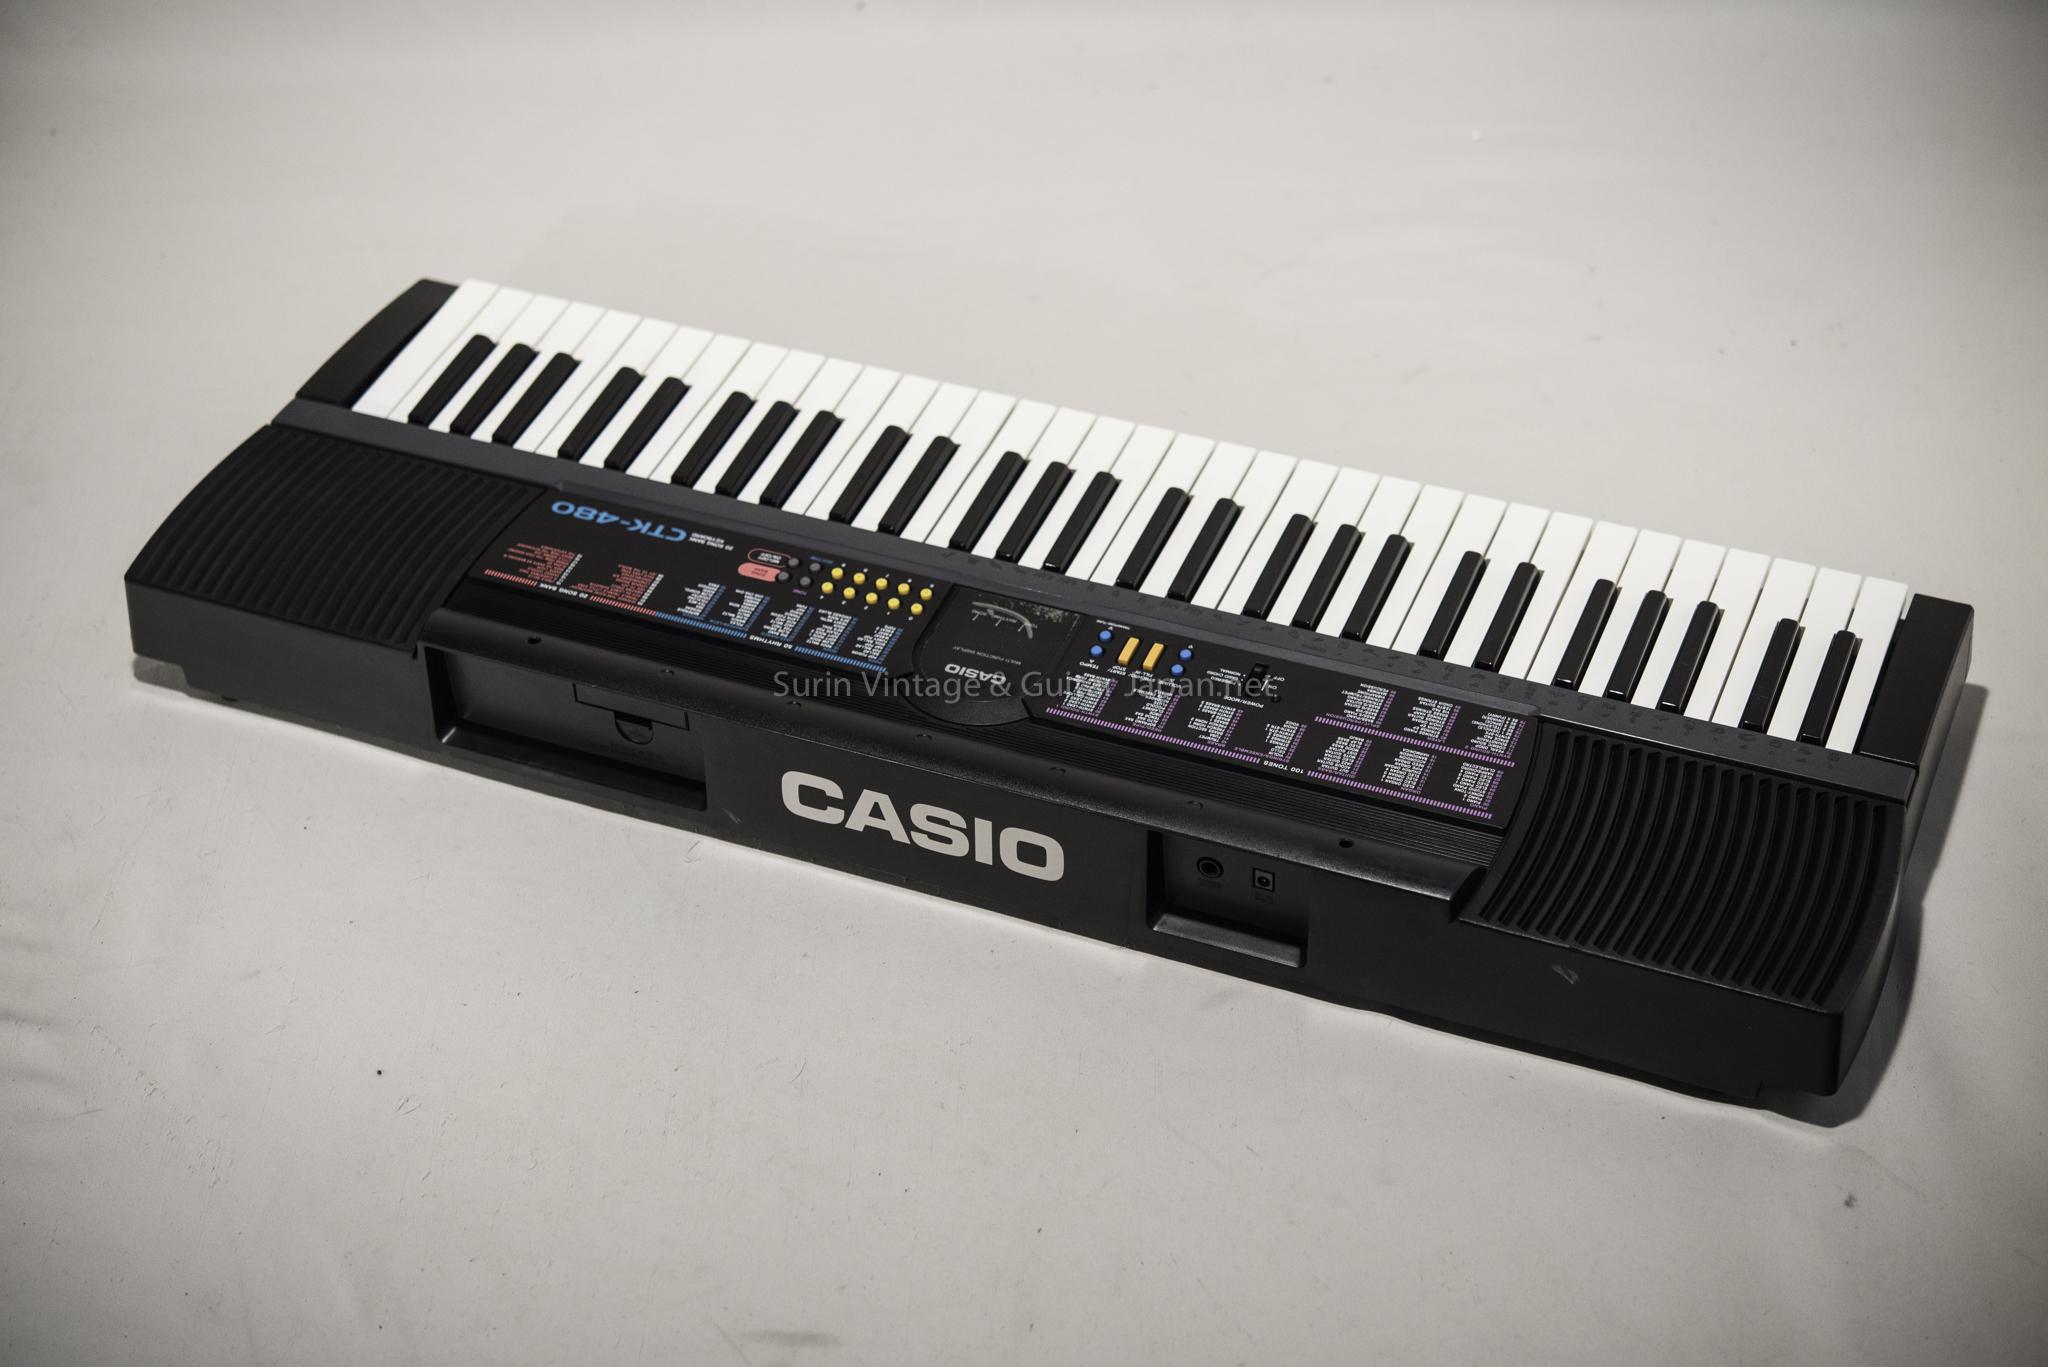 คีย์บอร์ดมือสอง CASIO CTK-480